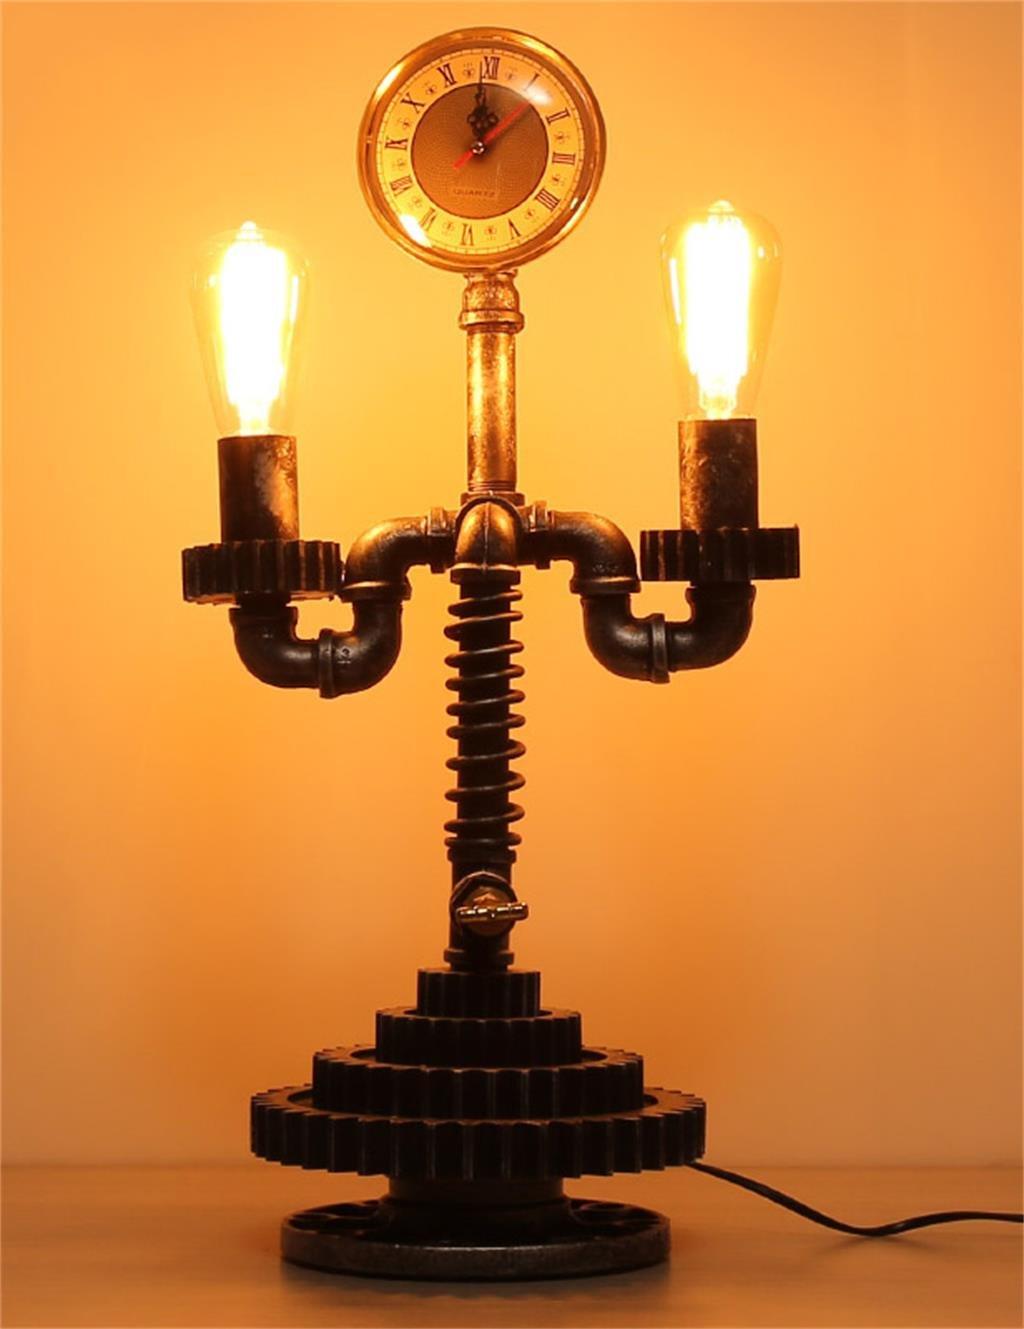 HYNH Retro Industrial Pipes Eisen-Lampe Wohnzimmer Schlafzimmer Den Shop-Tischlampe Kinder Tischlampe